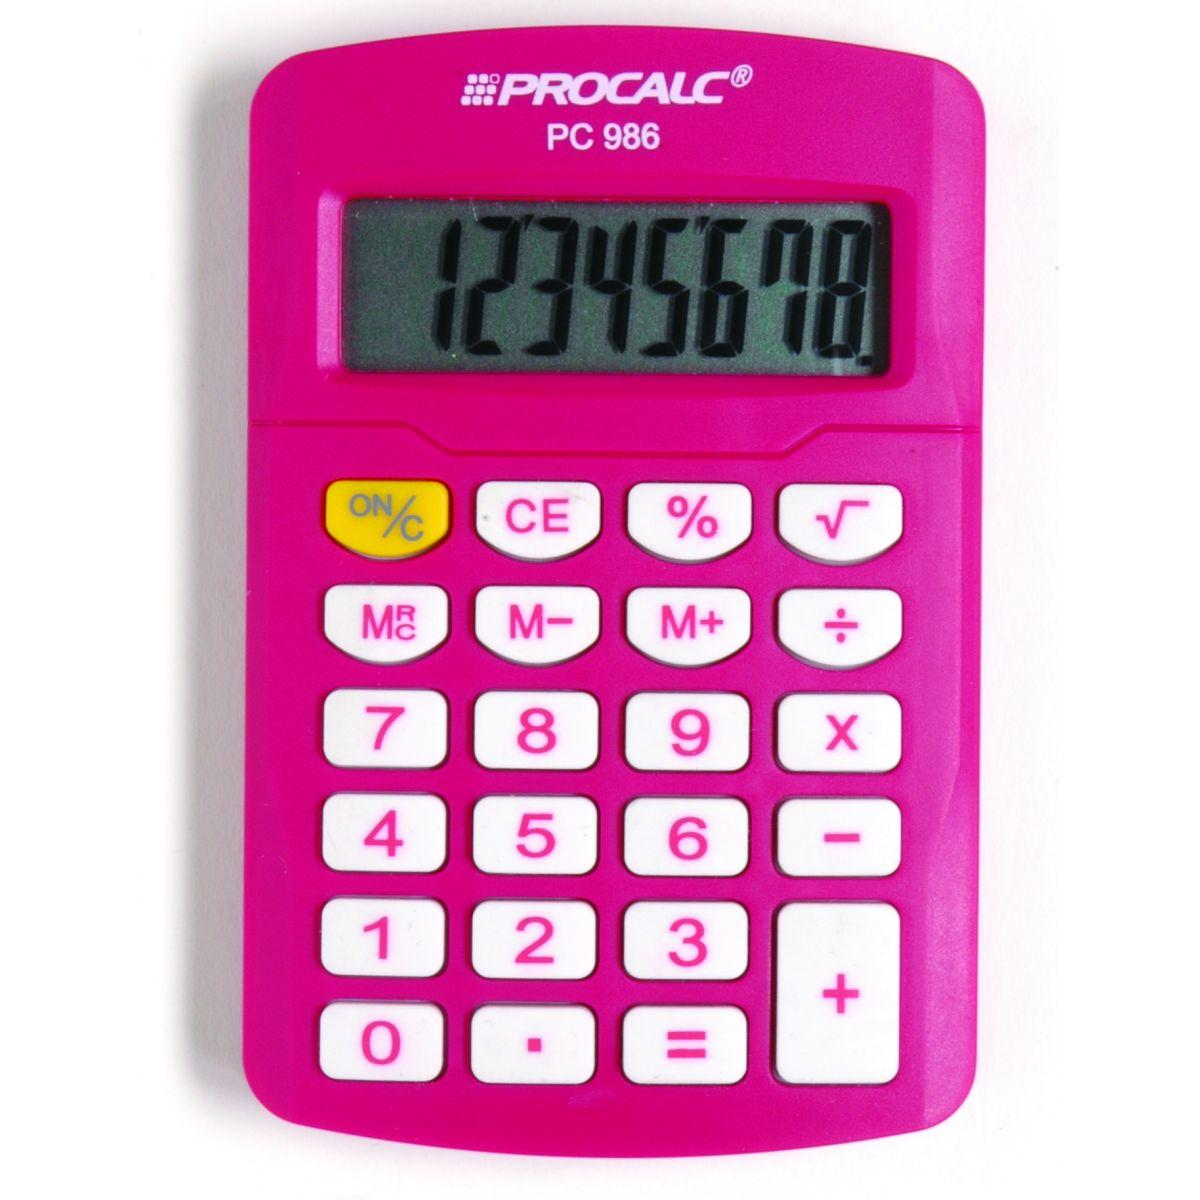 PROCALC - Calculadora Pessoal -  8 Dígitos -  PC986-P - PINK